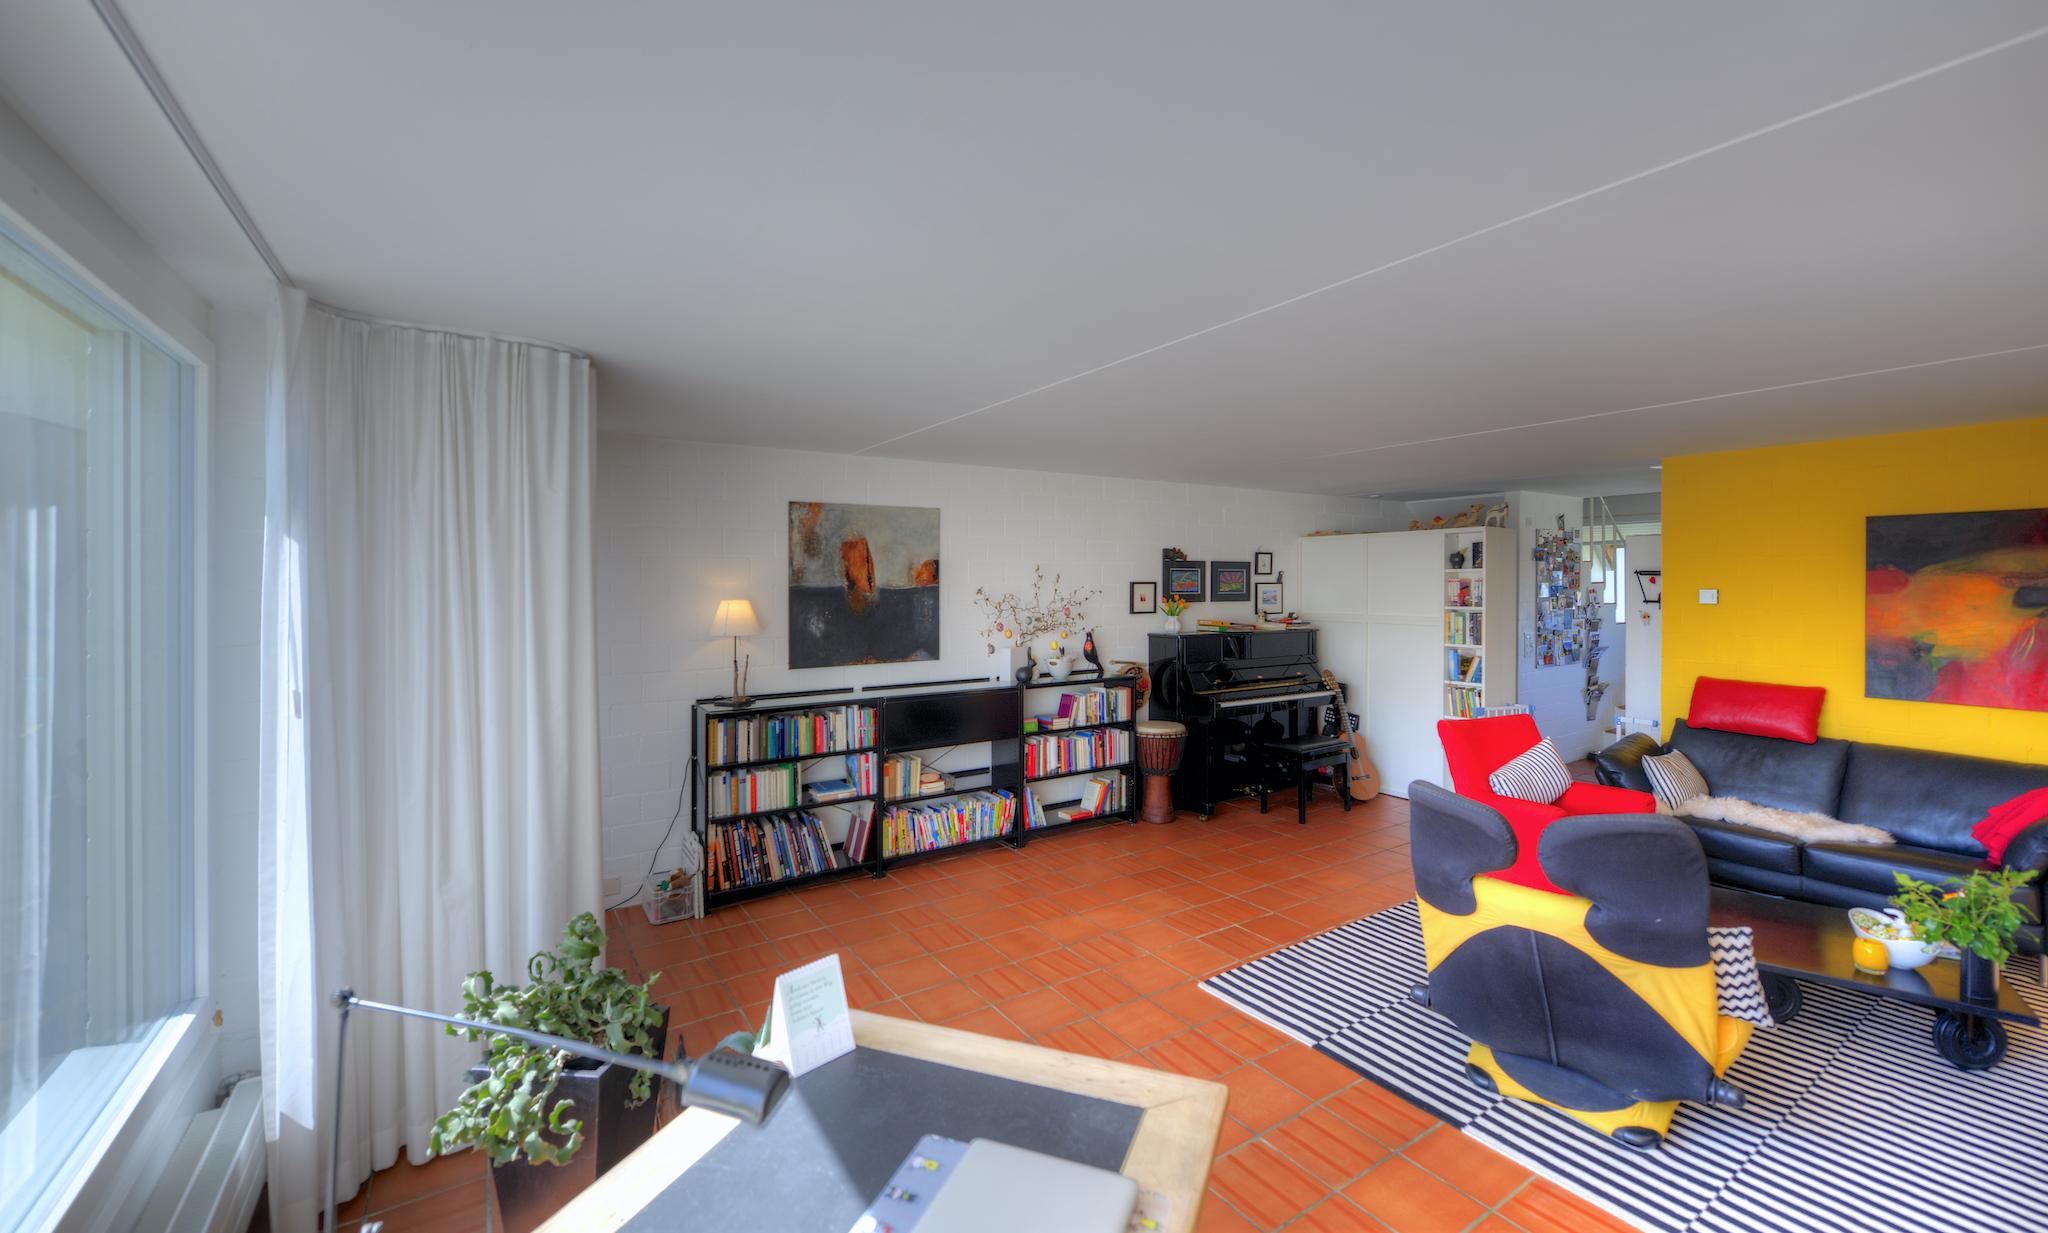 Das helle und freundliche Wohnzimmer